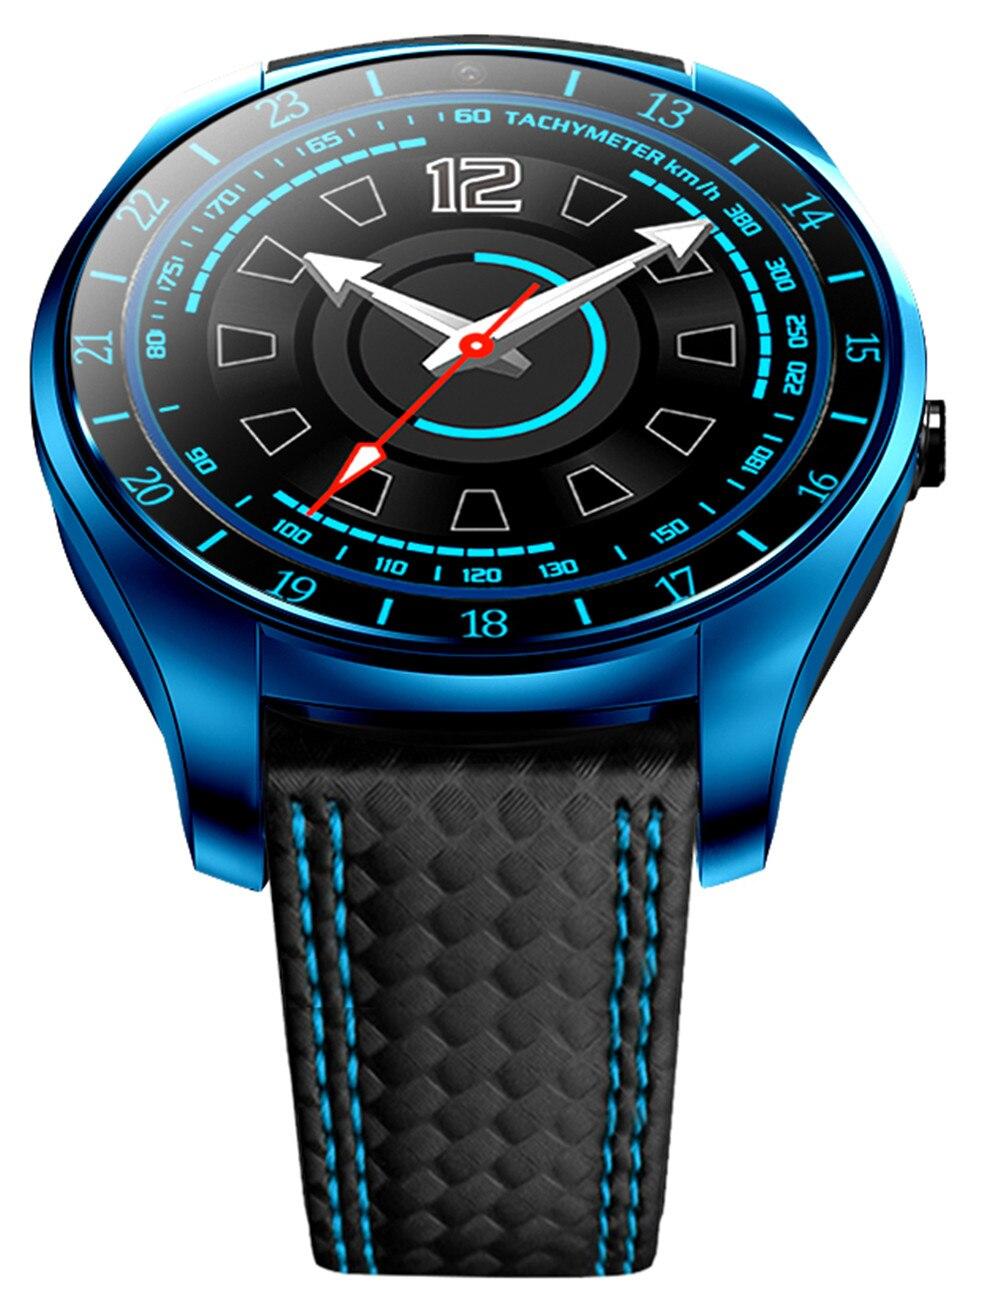 Reloj inteligente V10 con cámara Monitor de ritmo cardíaco Bluetooth podómetro Smartwatch compatible con SIM TF reloj de pulsera deportivo para teléfono Android